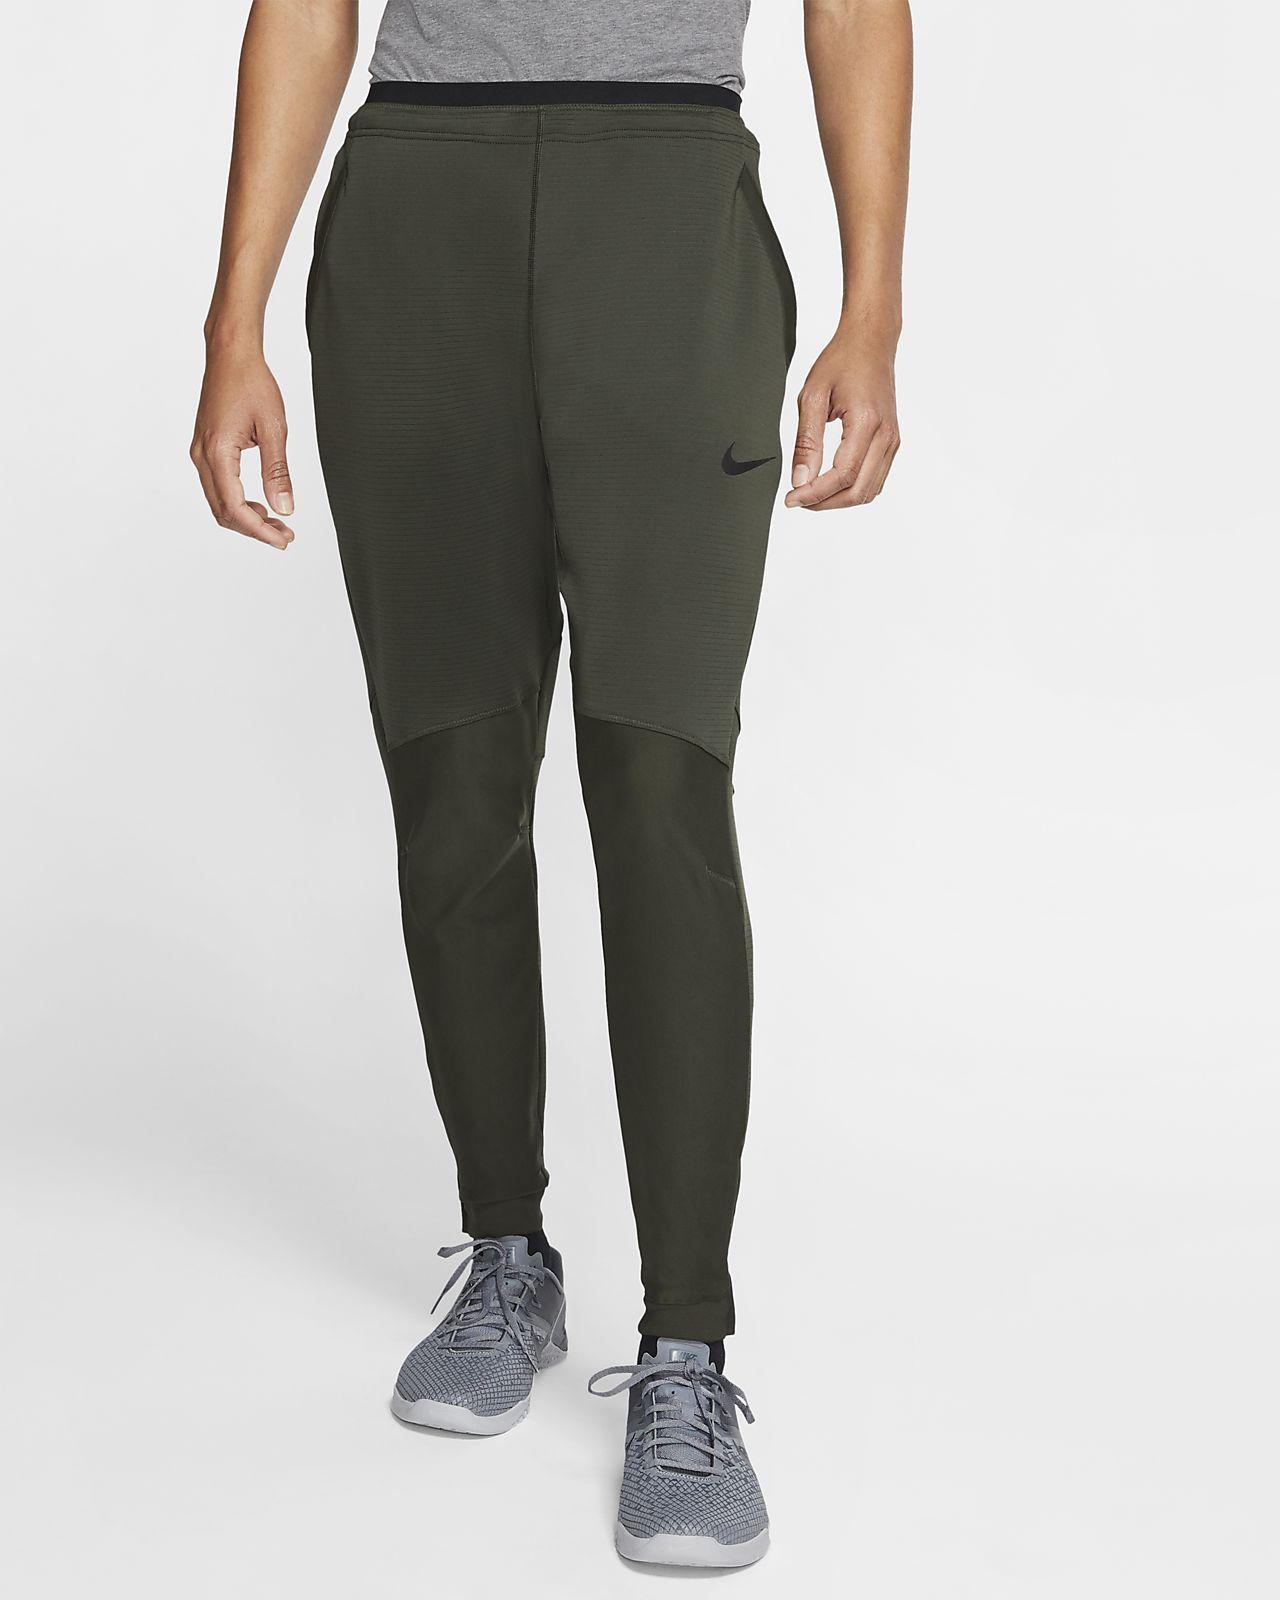 Nike Pro Erkek Eşofman Altı